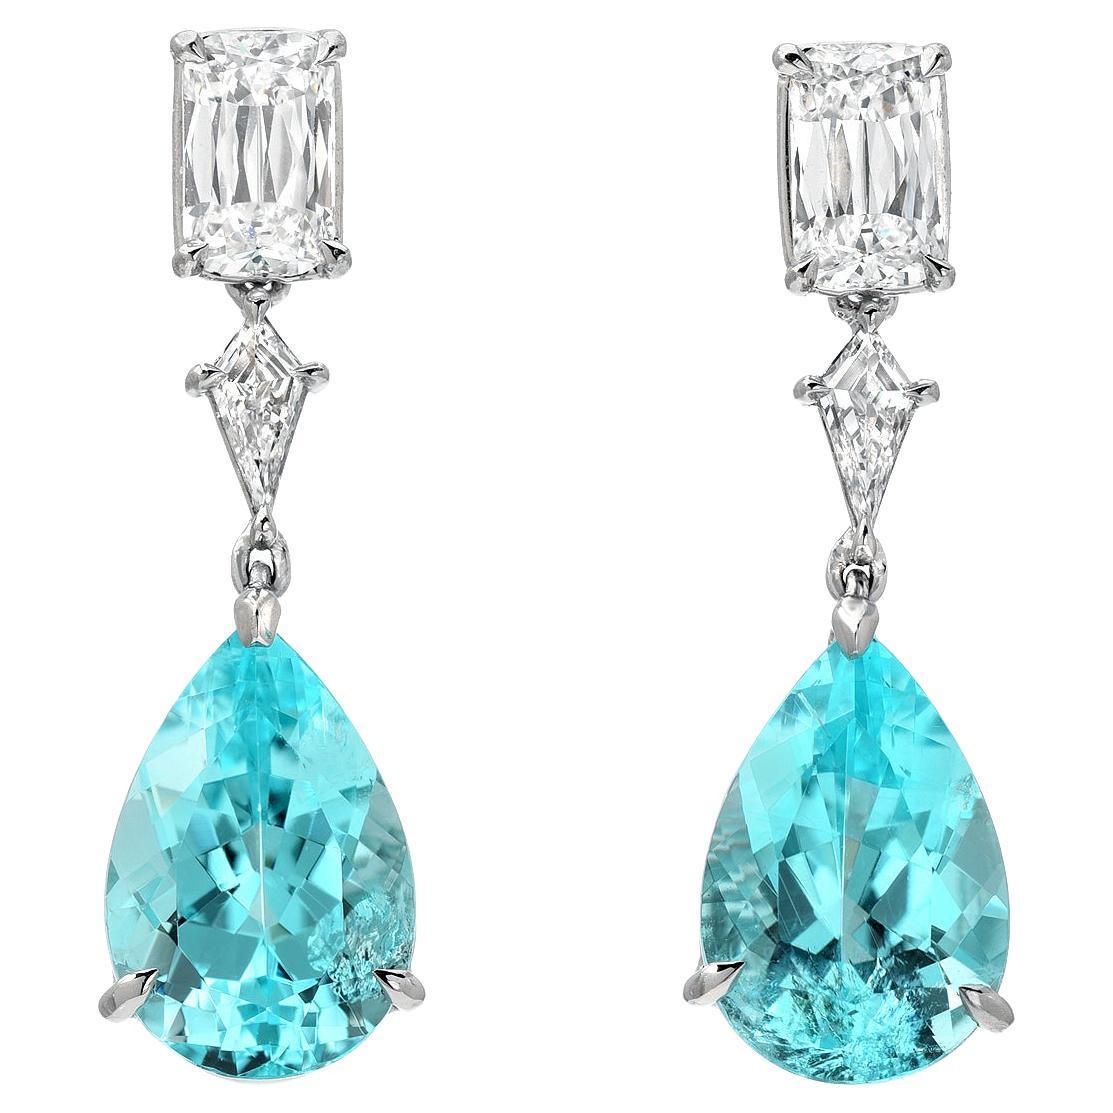 Paraiba Tourmaline Earrings 6.25 Carats GIA Certified